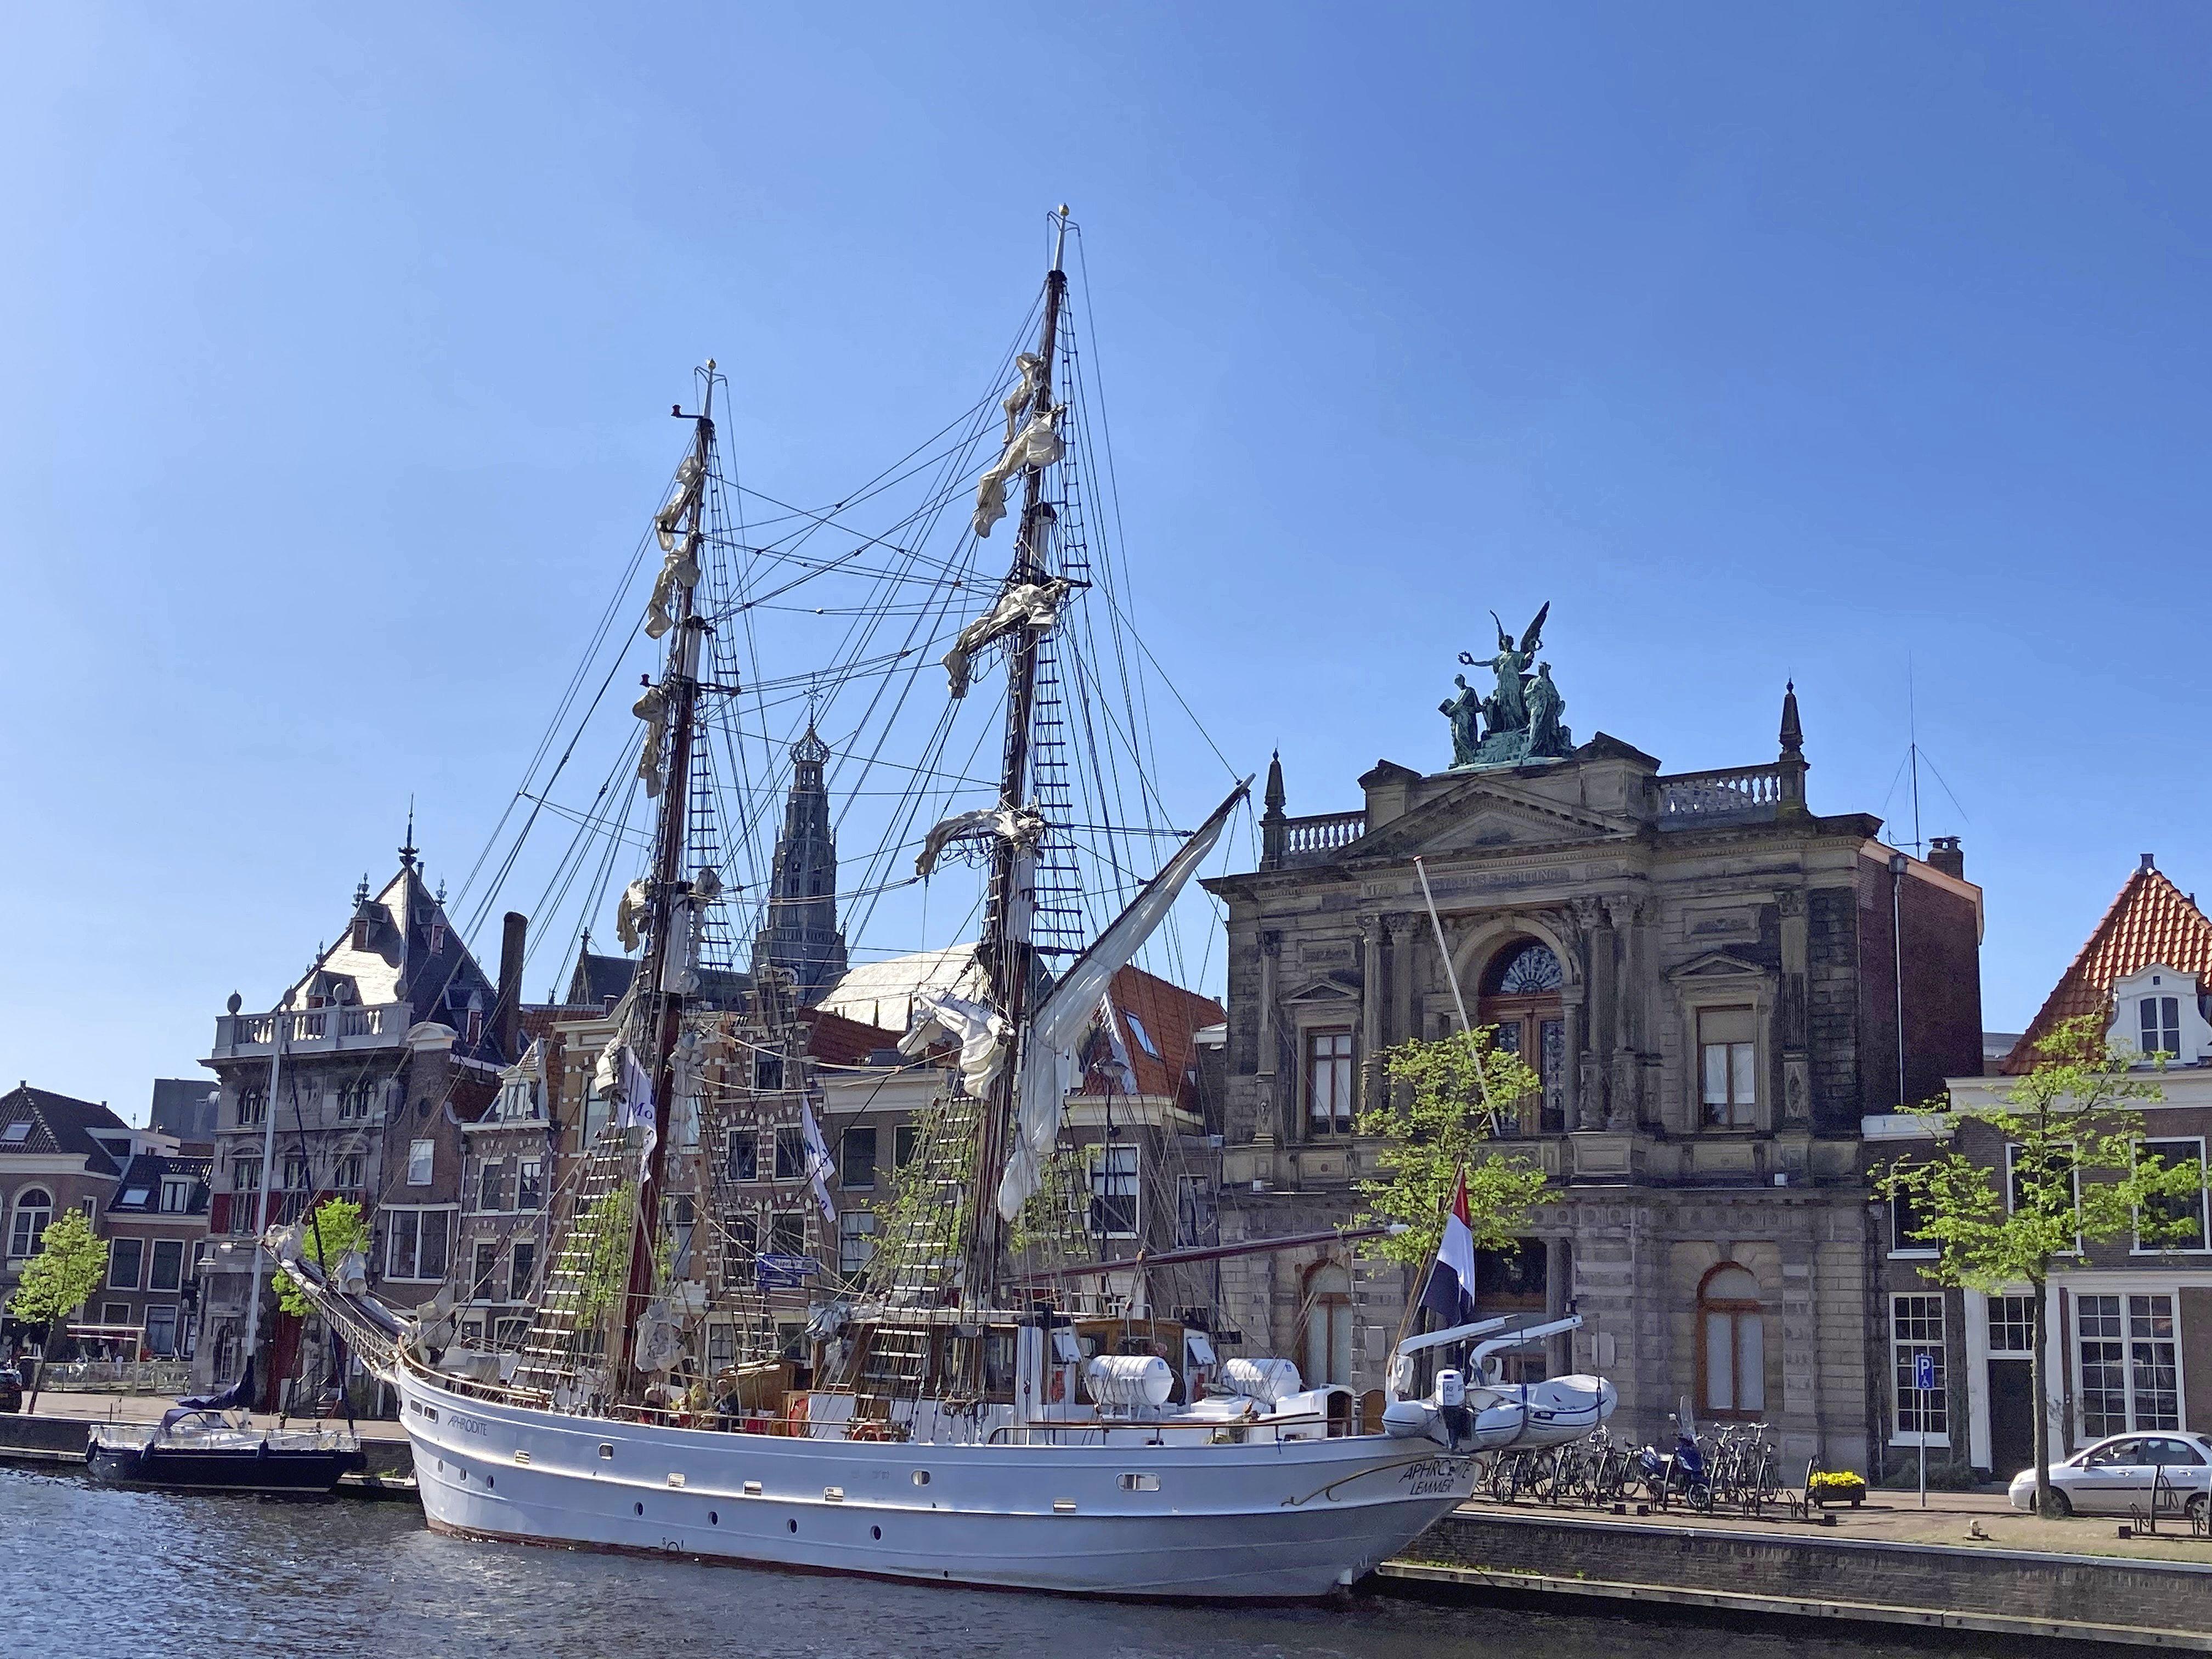 'Klassiekers' schitteren in Haarlems stadsgezicht